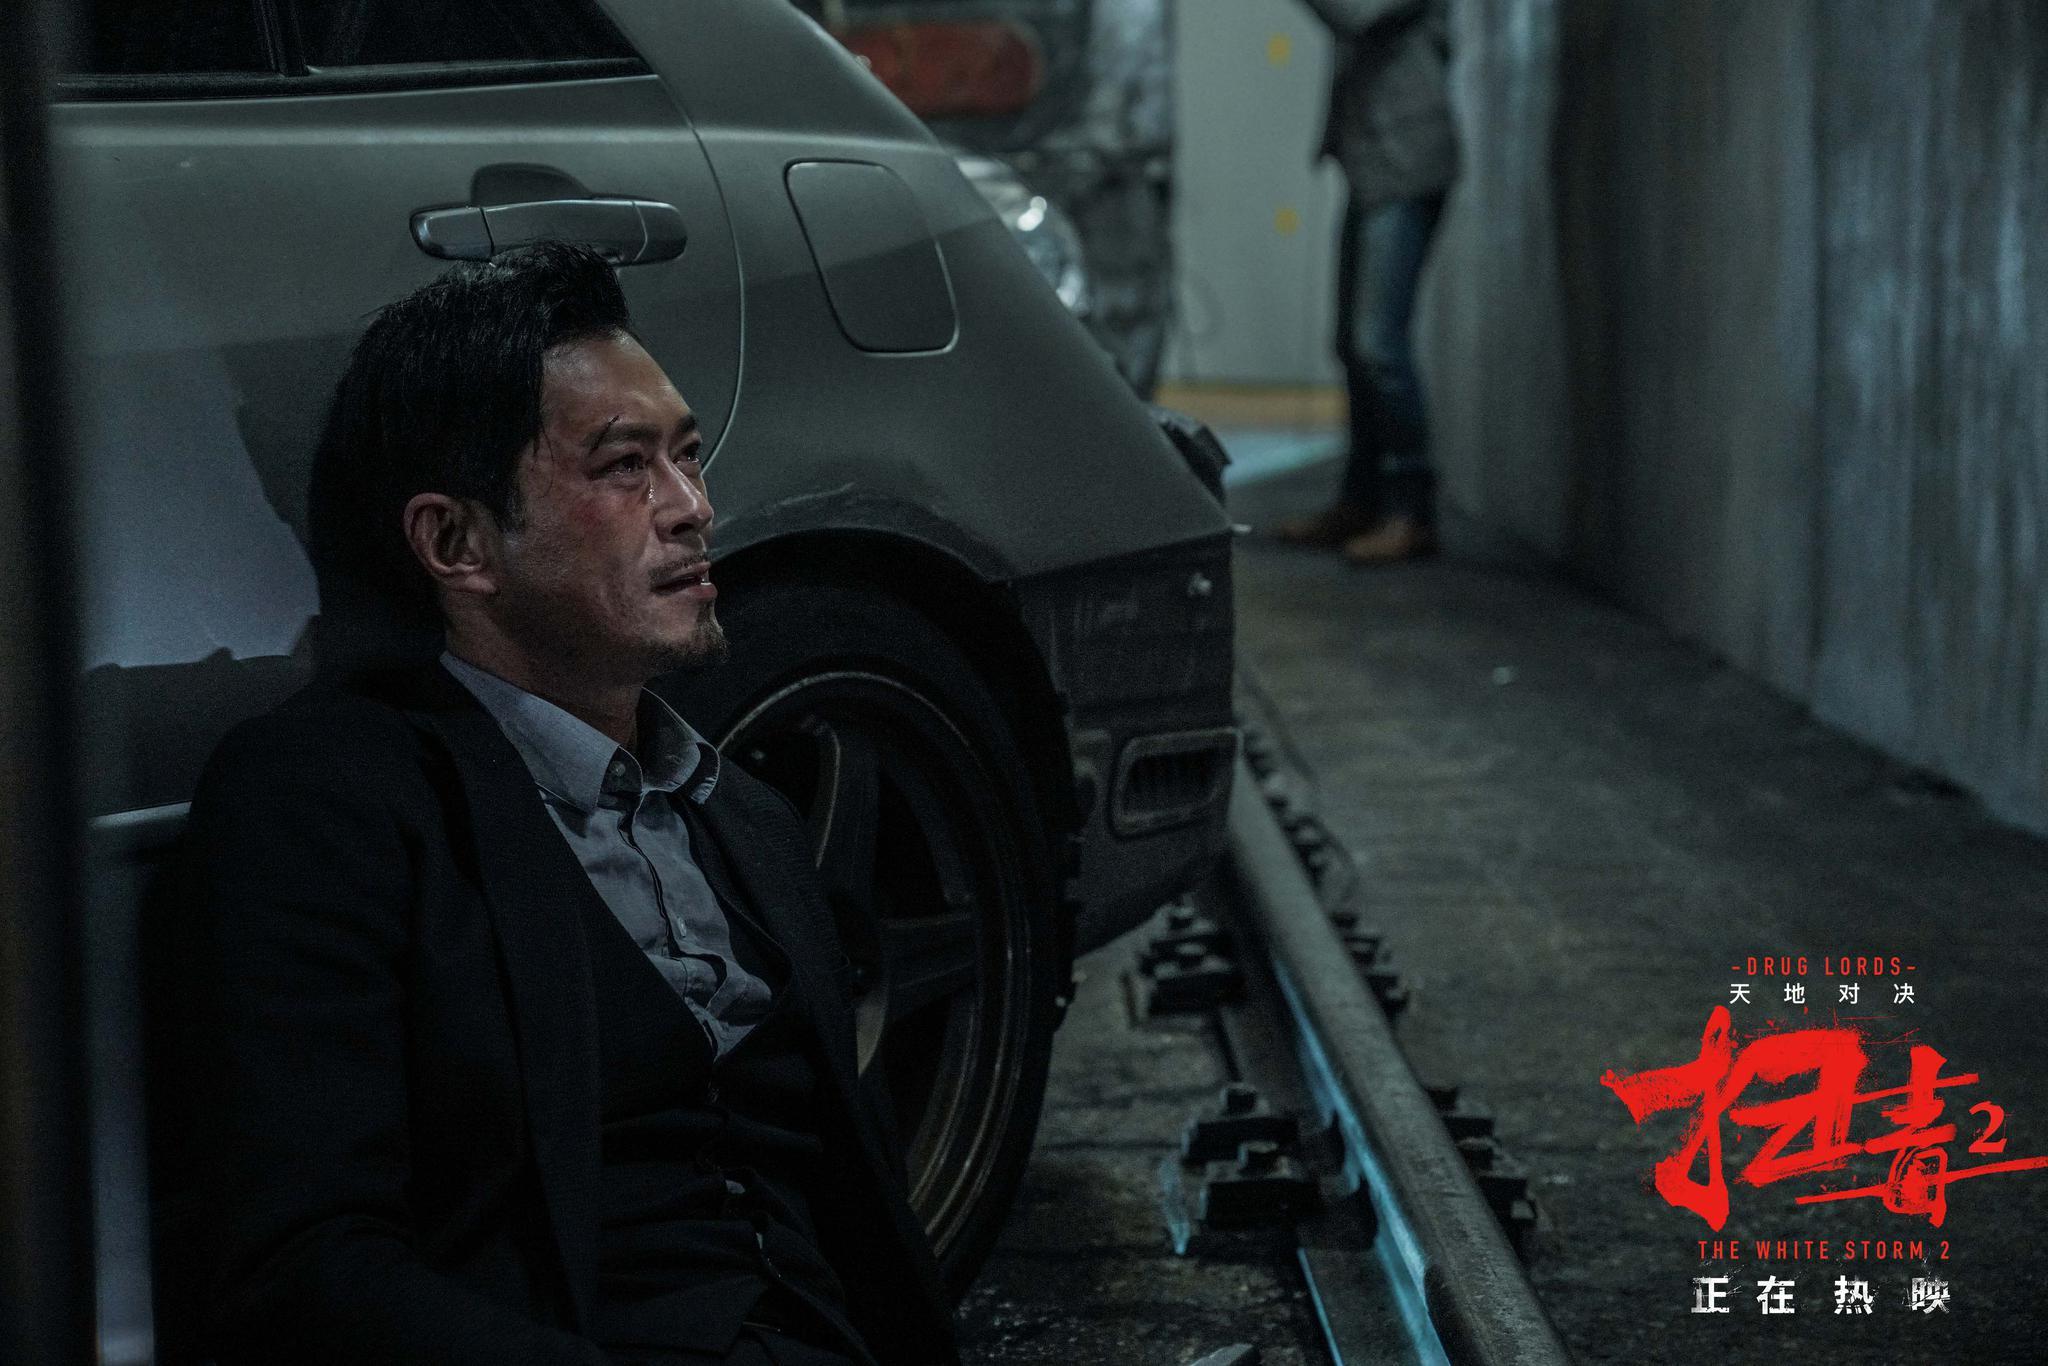 《扫毒2》曝地铁飙车片段 刘德华古天乐飞车枪战燃炸暑期档